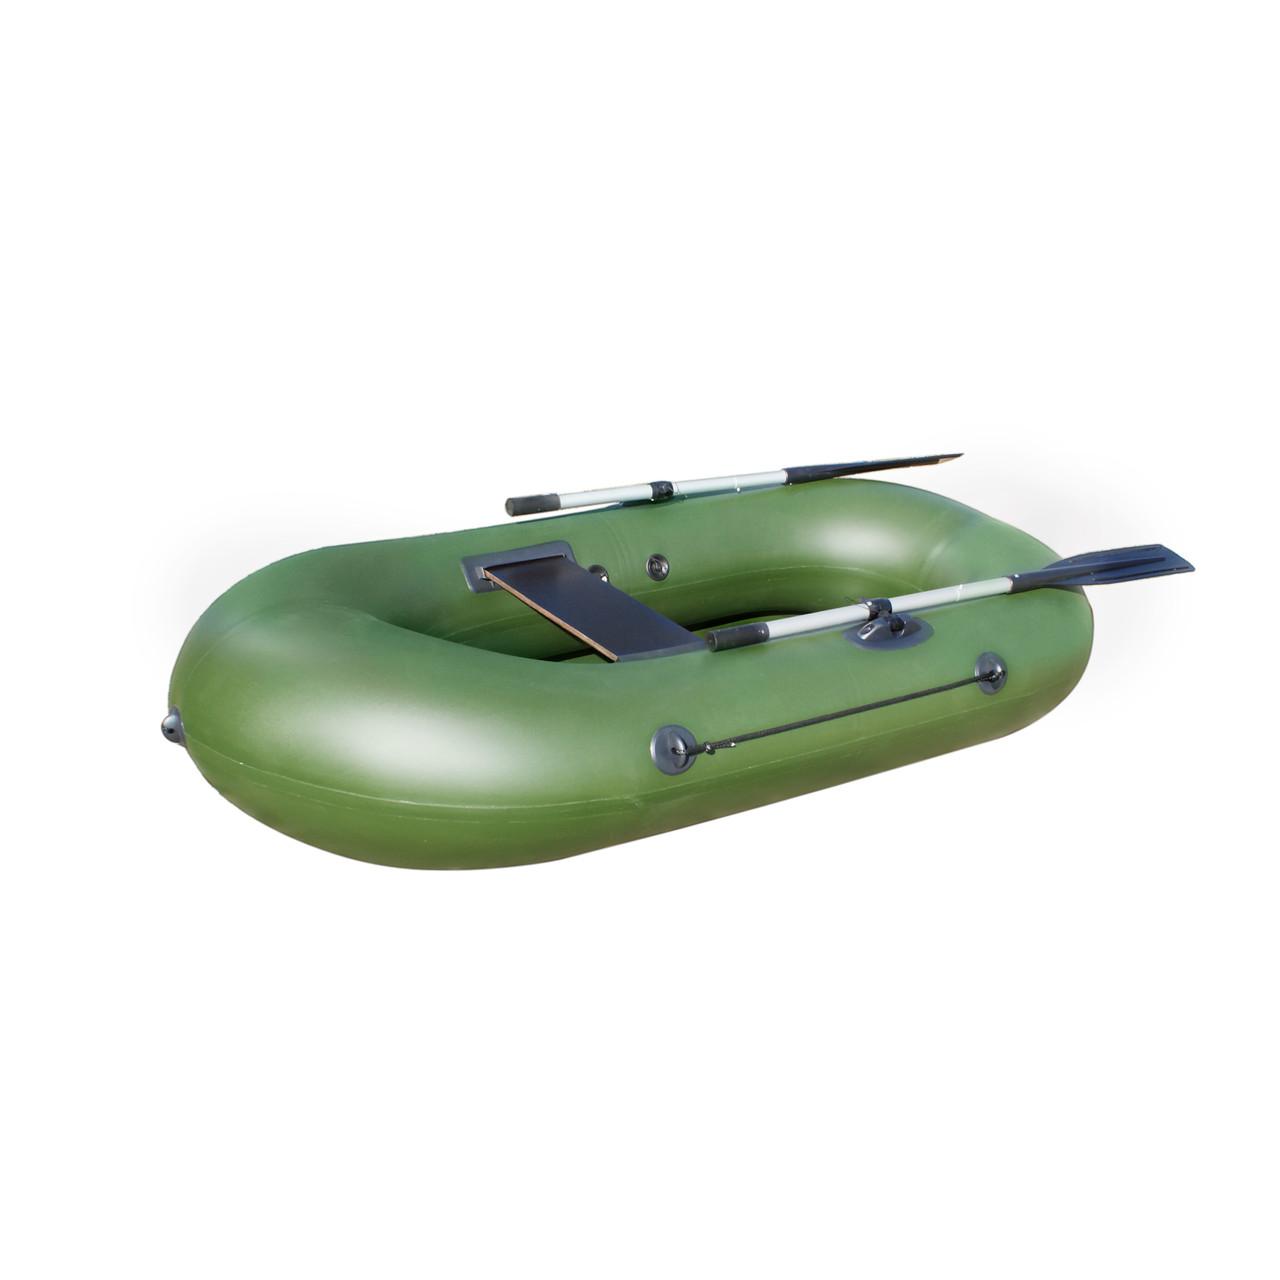 хочу купить одноместную лодку